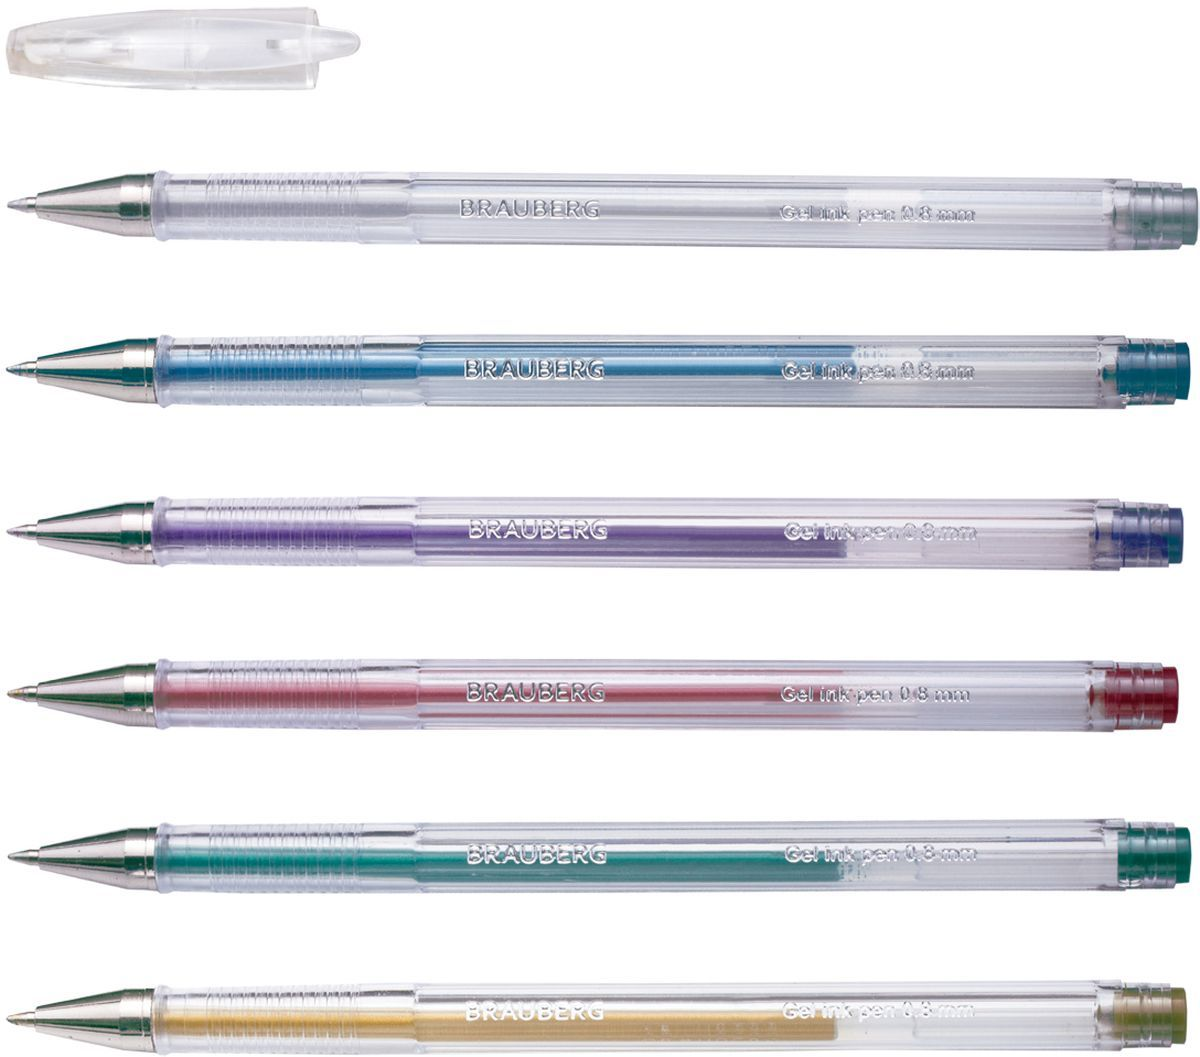 Brauberg Набор гелевых ручек Jet металлик 6 шт141029Набор Brauberg Jet включает в себя гелевые ручки ярких, запоминающихся, необычных цветов. Рекомендован для детского творчества. Ручки упакованы в мягкий пластиковый футляр.